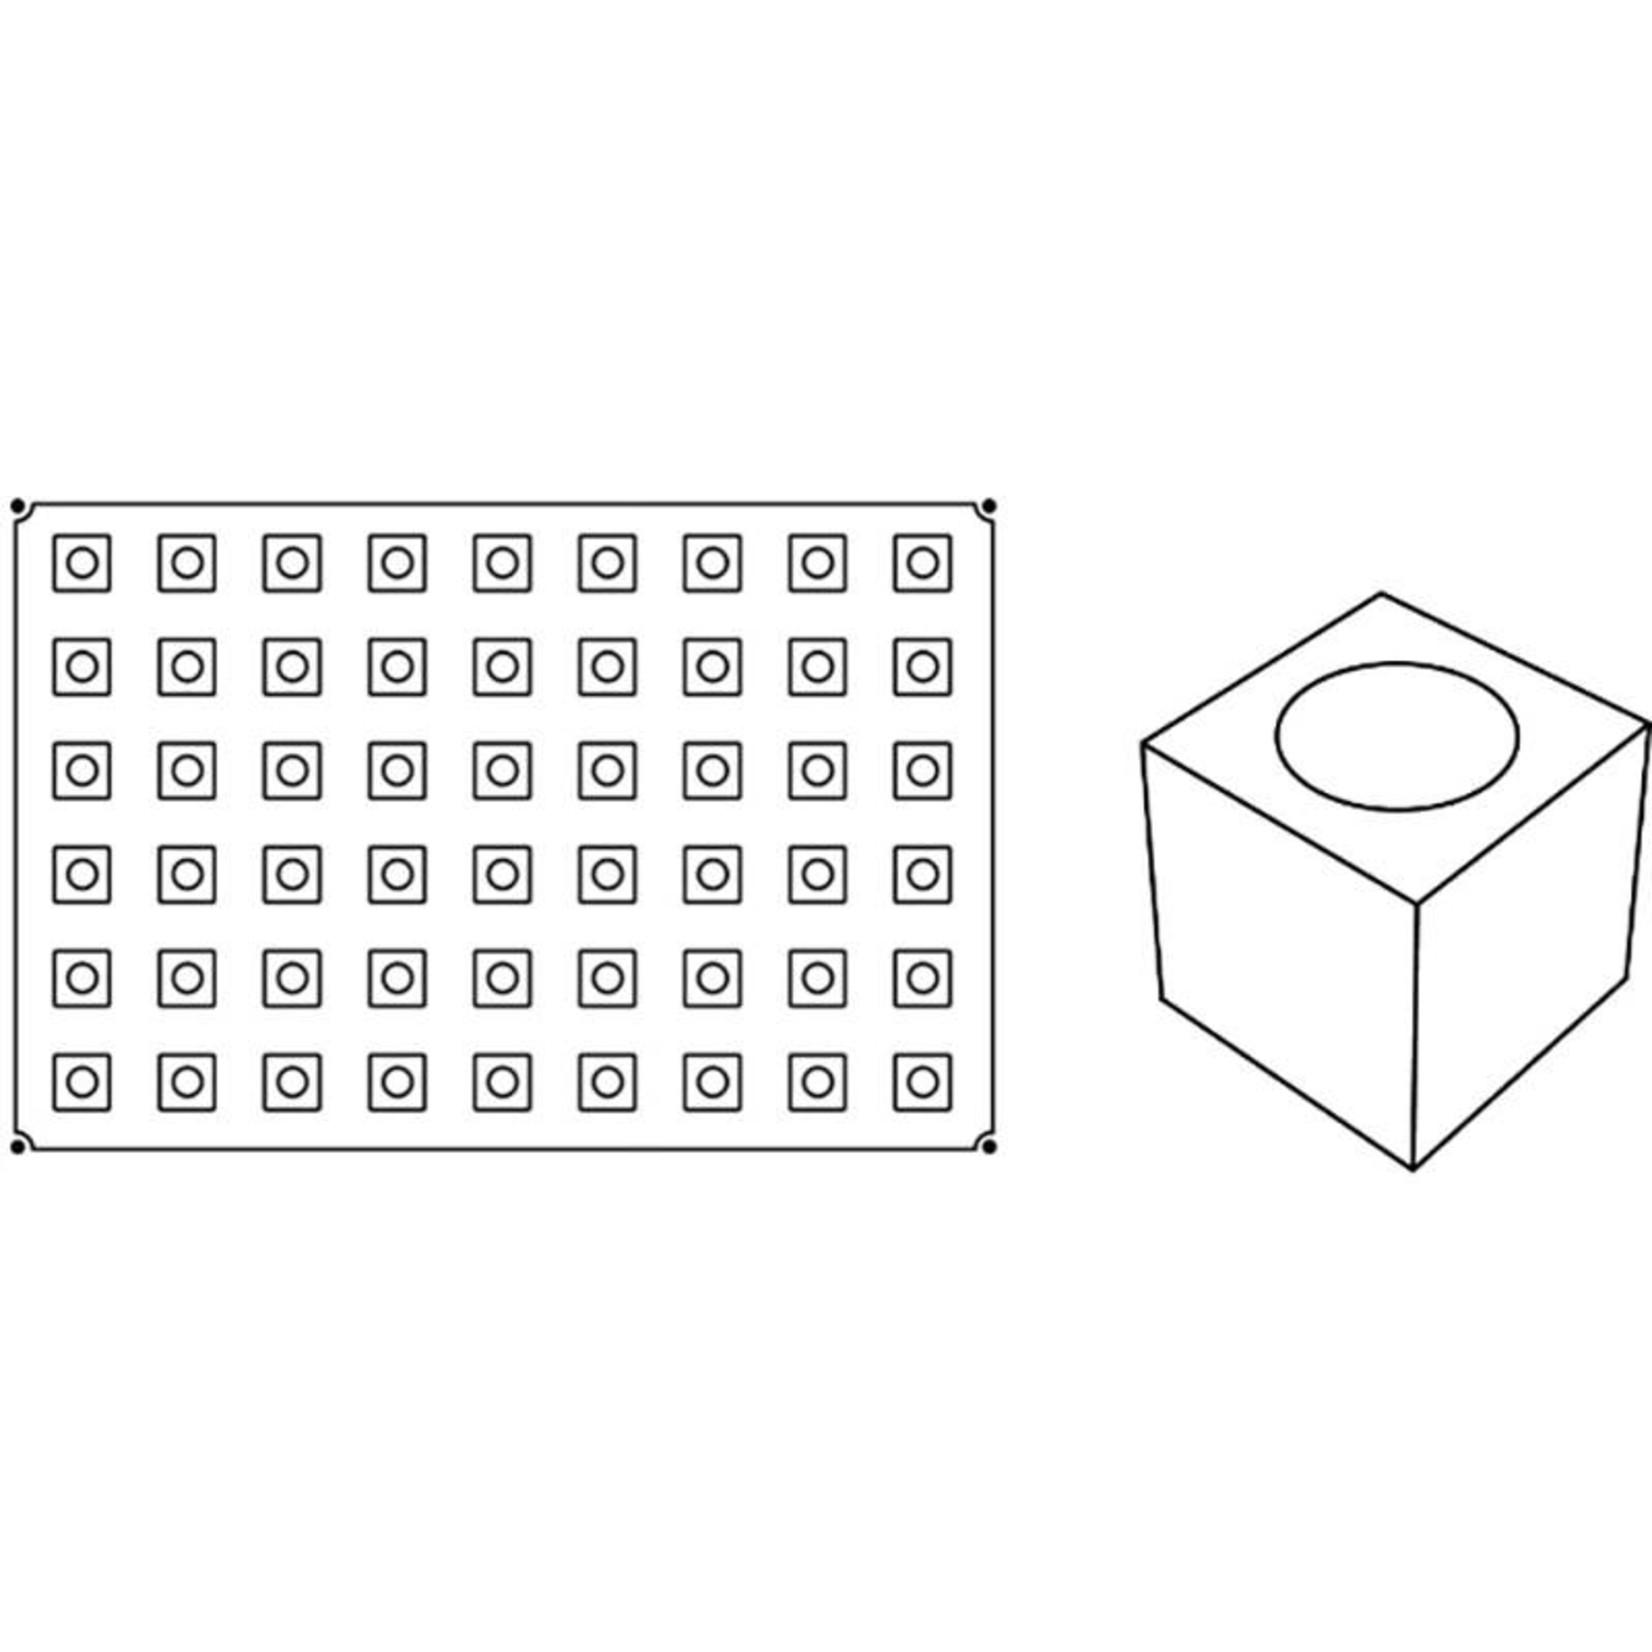 Pavoni Pavoni - Pavoflex silicone mold, Cubo, Mignon (54 cavity), PX012